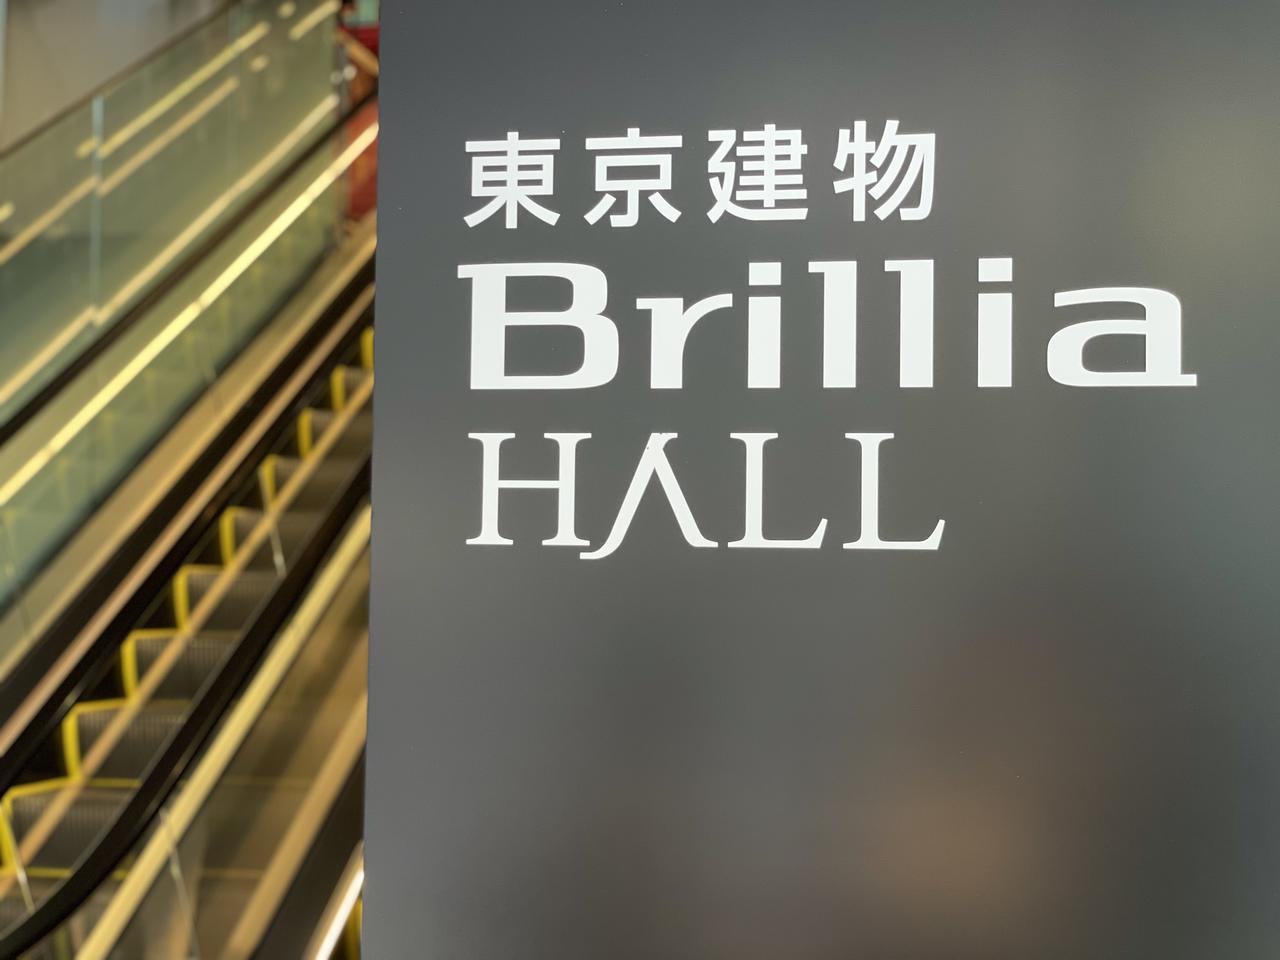 画像: 【池袋】遂に!宝塚招致の夢を叶えた♡「東京建物ブリリアホール」 - 【ftn】fashion trend news|ファッショントレンドニュースマガジン|すべての人におしゃれする楽しさを